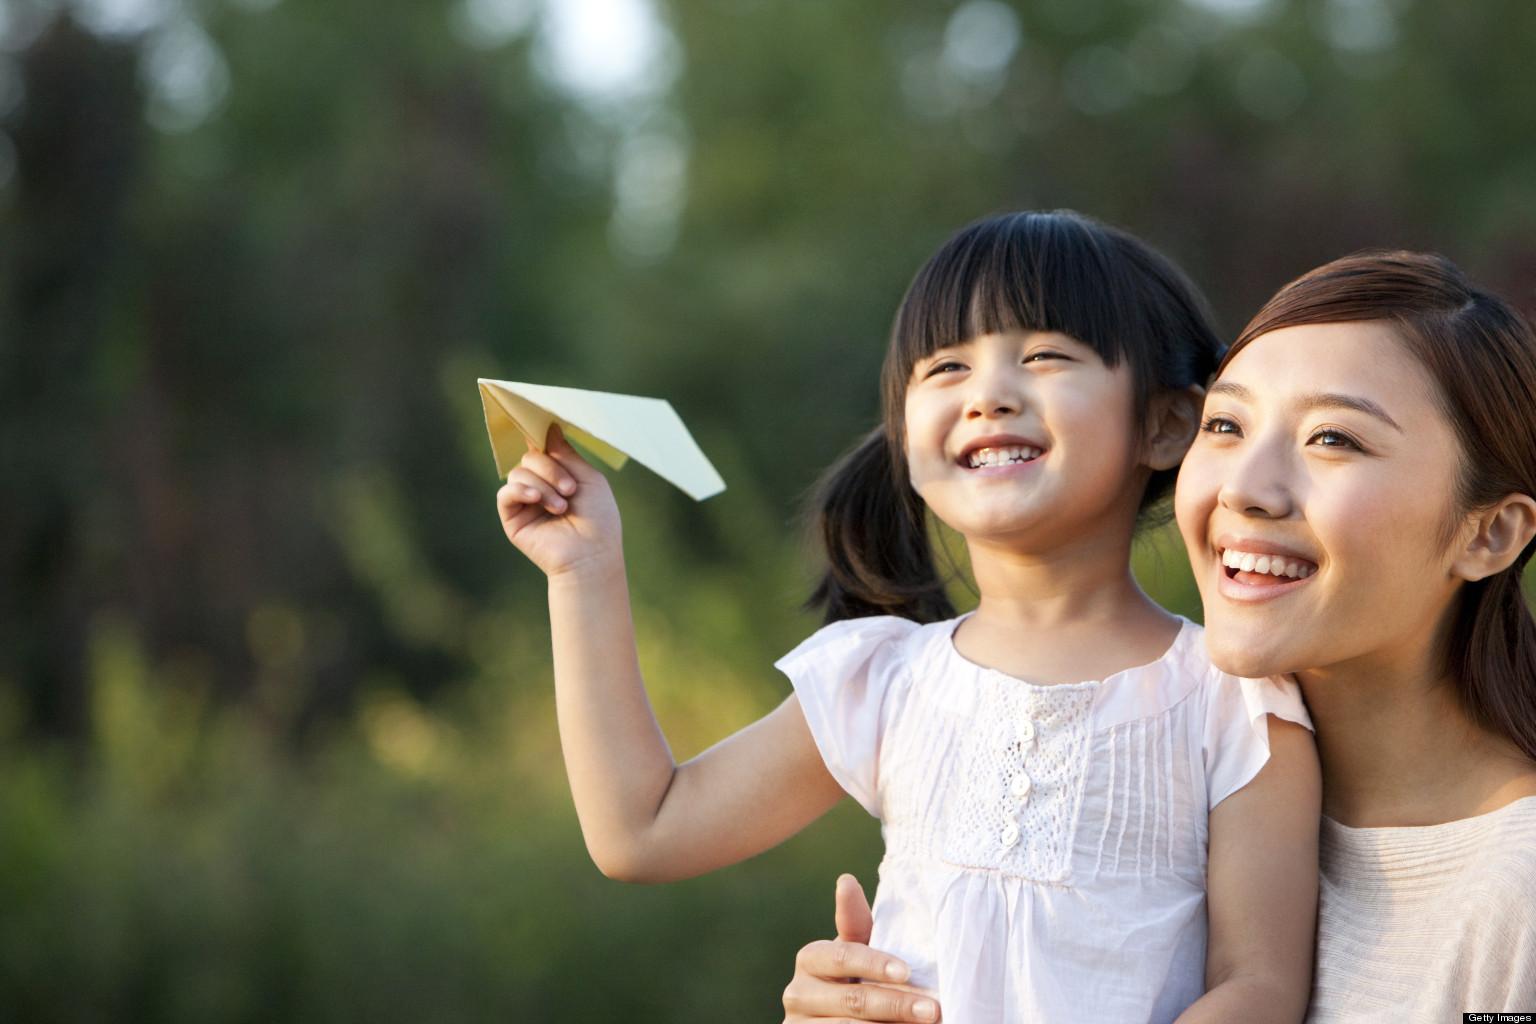 Kinh nghiệm 3 – Vận động ở trẻ kích thích sự phát triển tâm lý